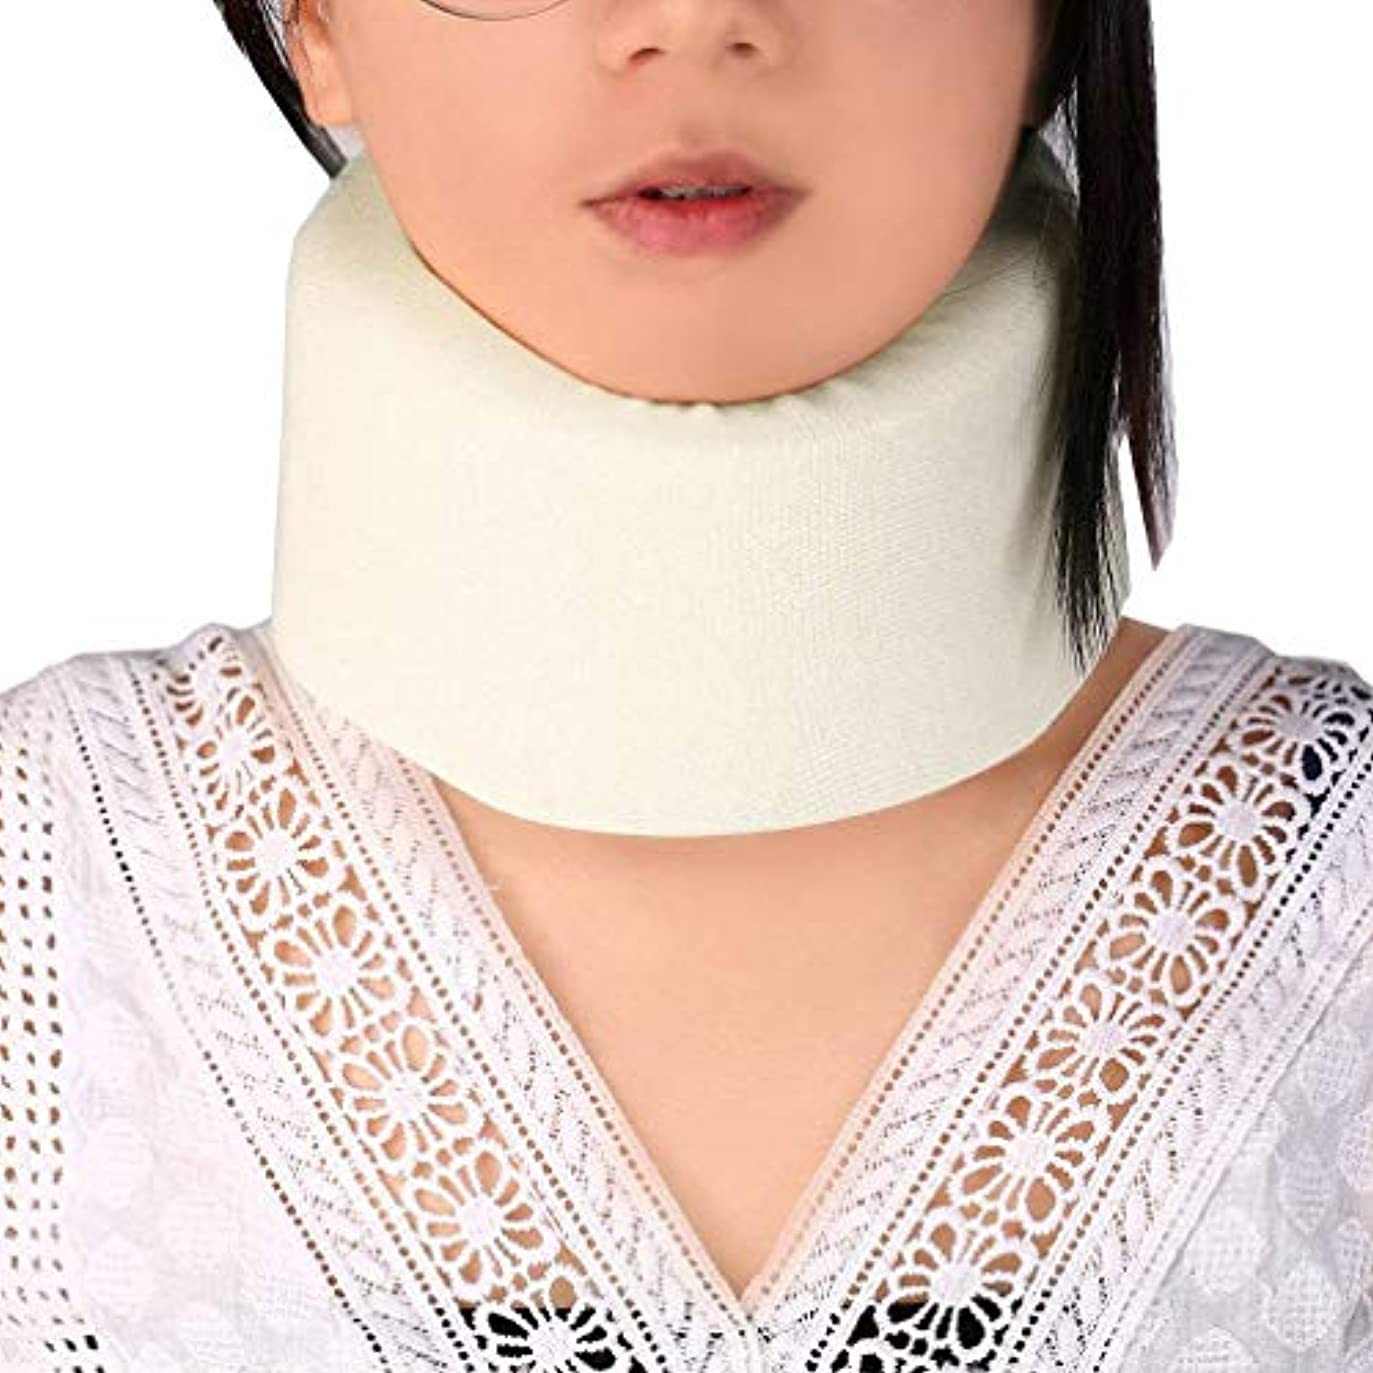 怒り遠征遅滞Oral Dentistry 首 サポーター ソフト 頸椎 首こり ソフト頸椎カラー 肩の痛みの軽減 着脱 簡単 男女兼用 ホワイト